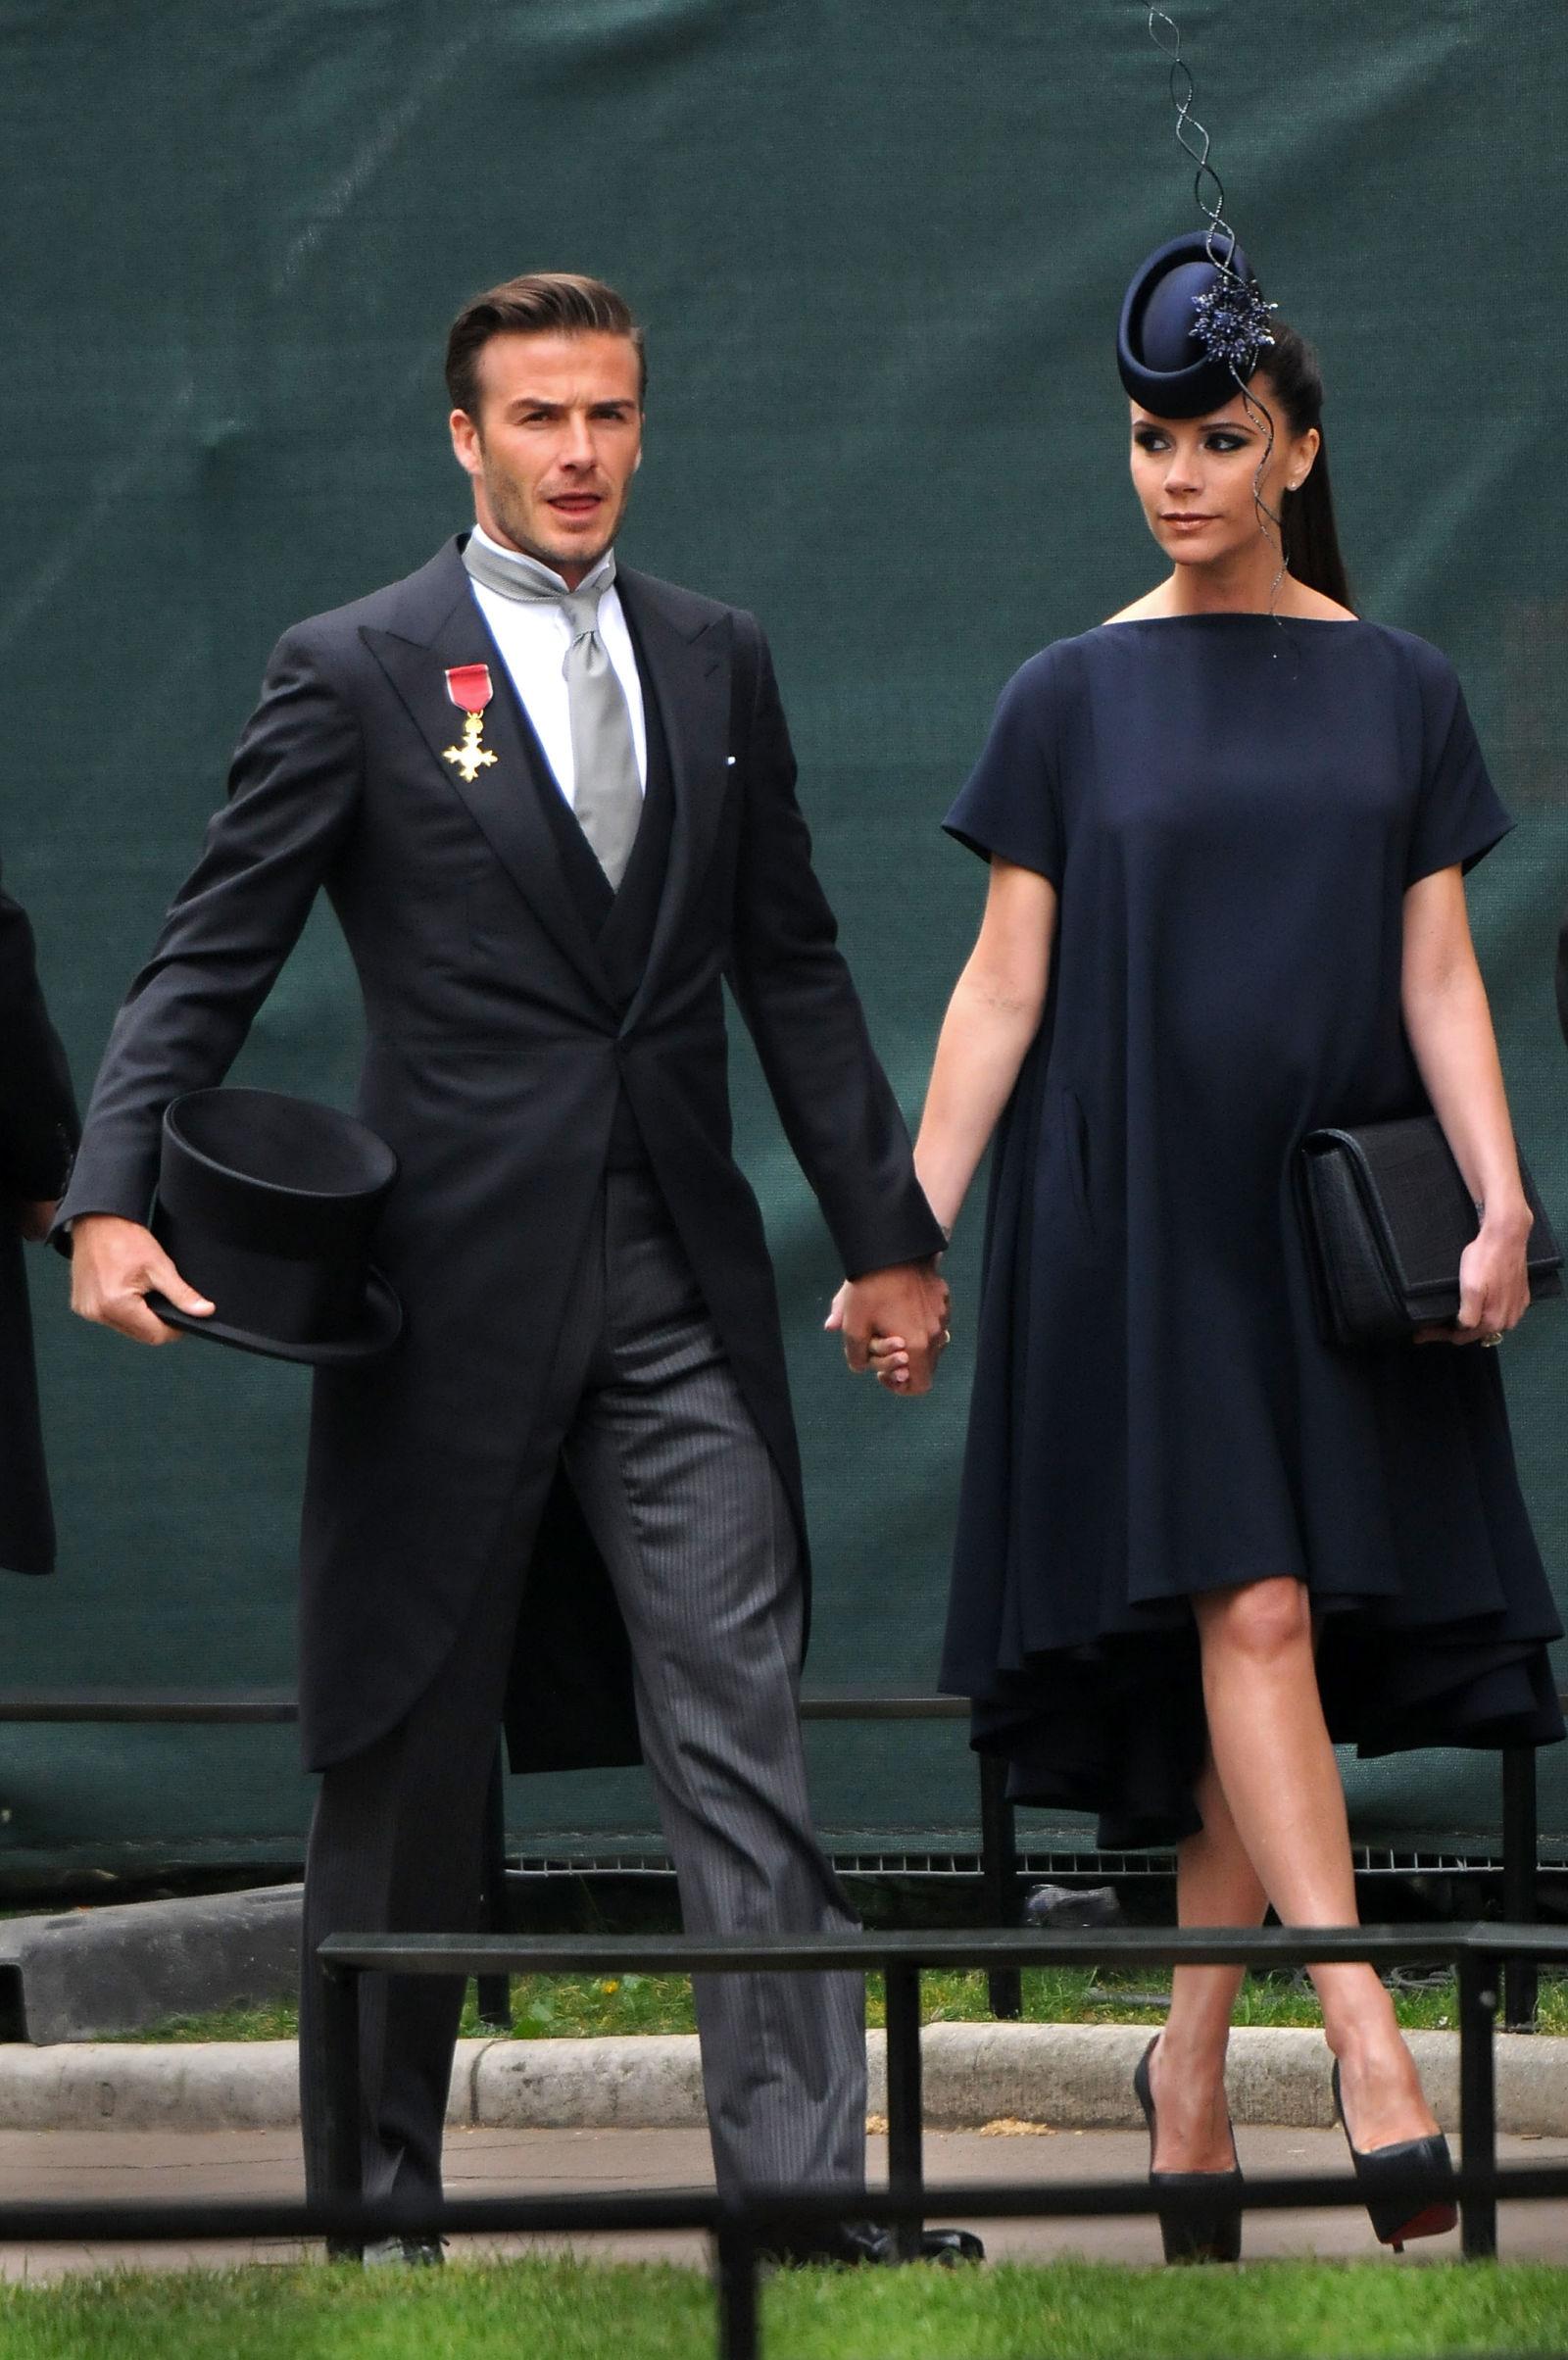 eb5b23ae7 Já em maio, falou-se que a estilista teria enviado várias propostas de  vestidos para que Meghan usasse uma criação sua no casamento de Pippa  Middleton.